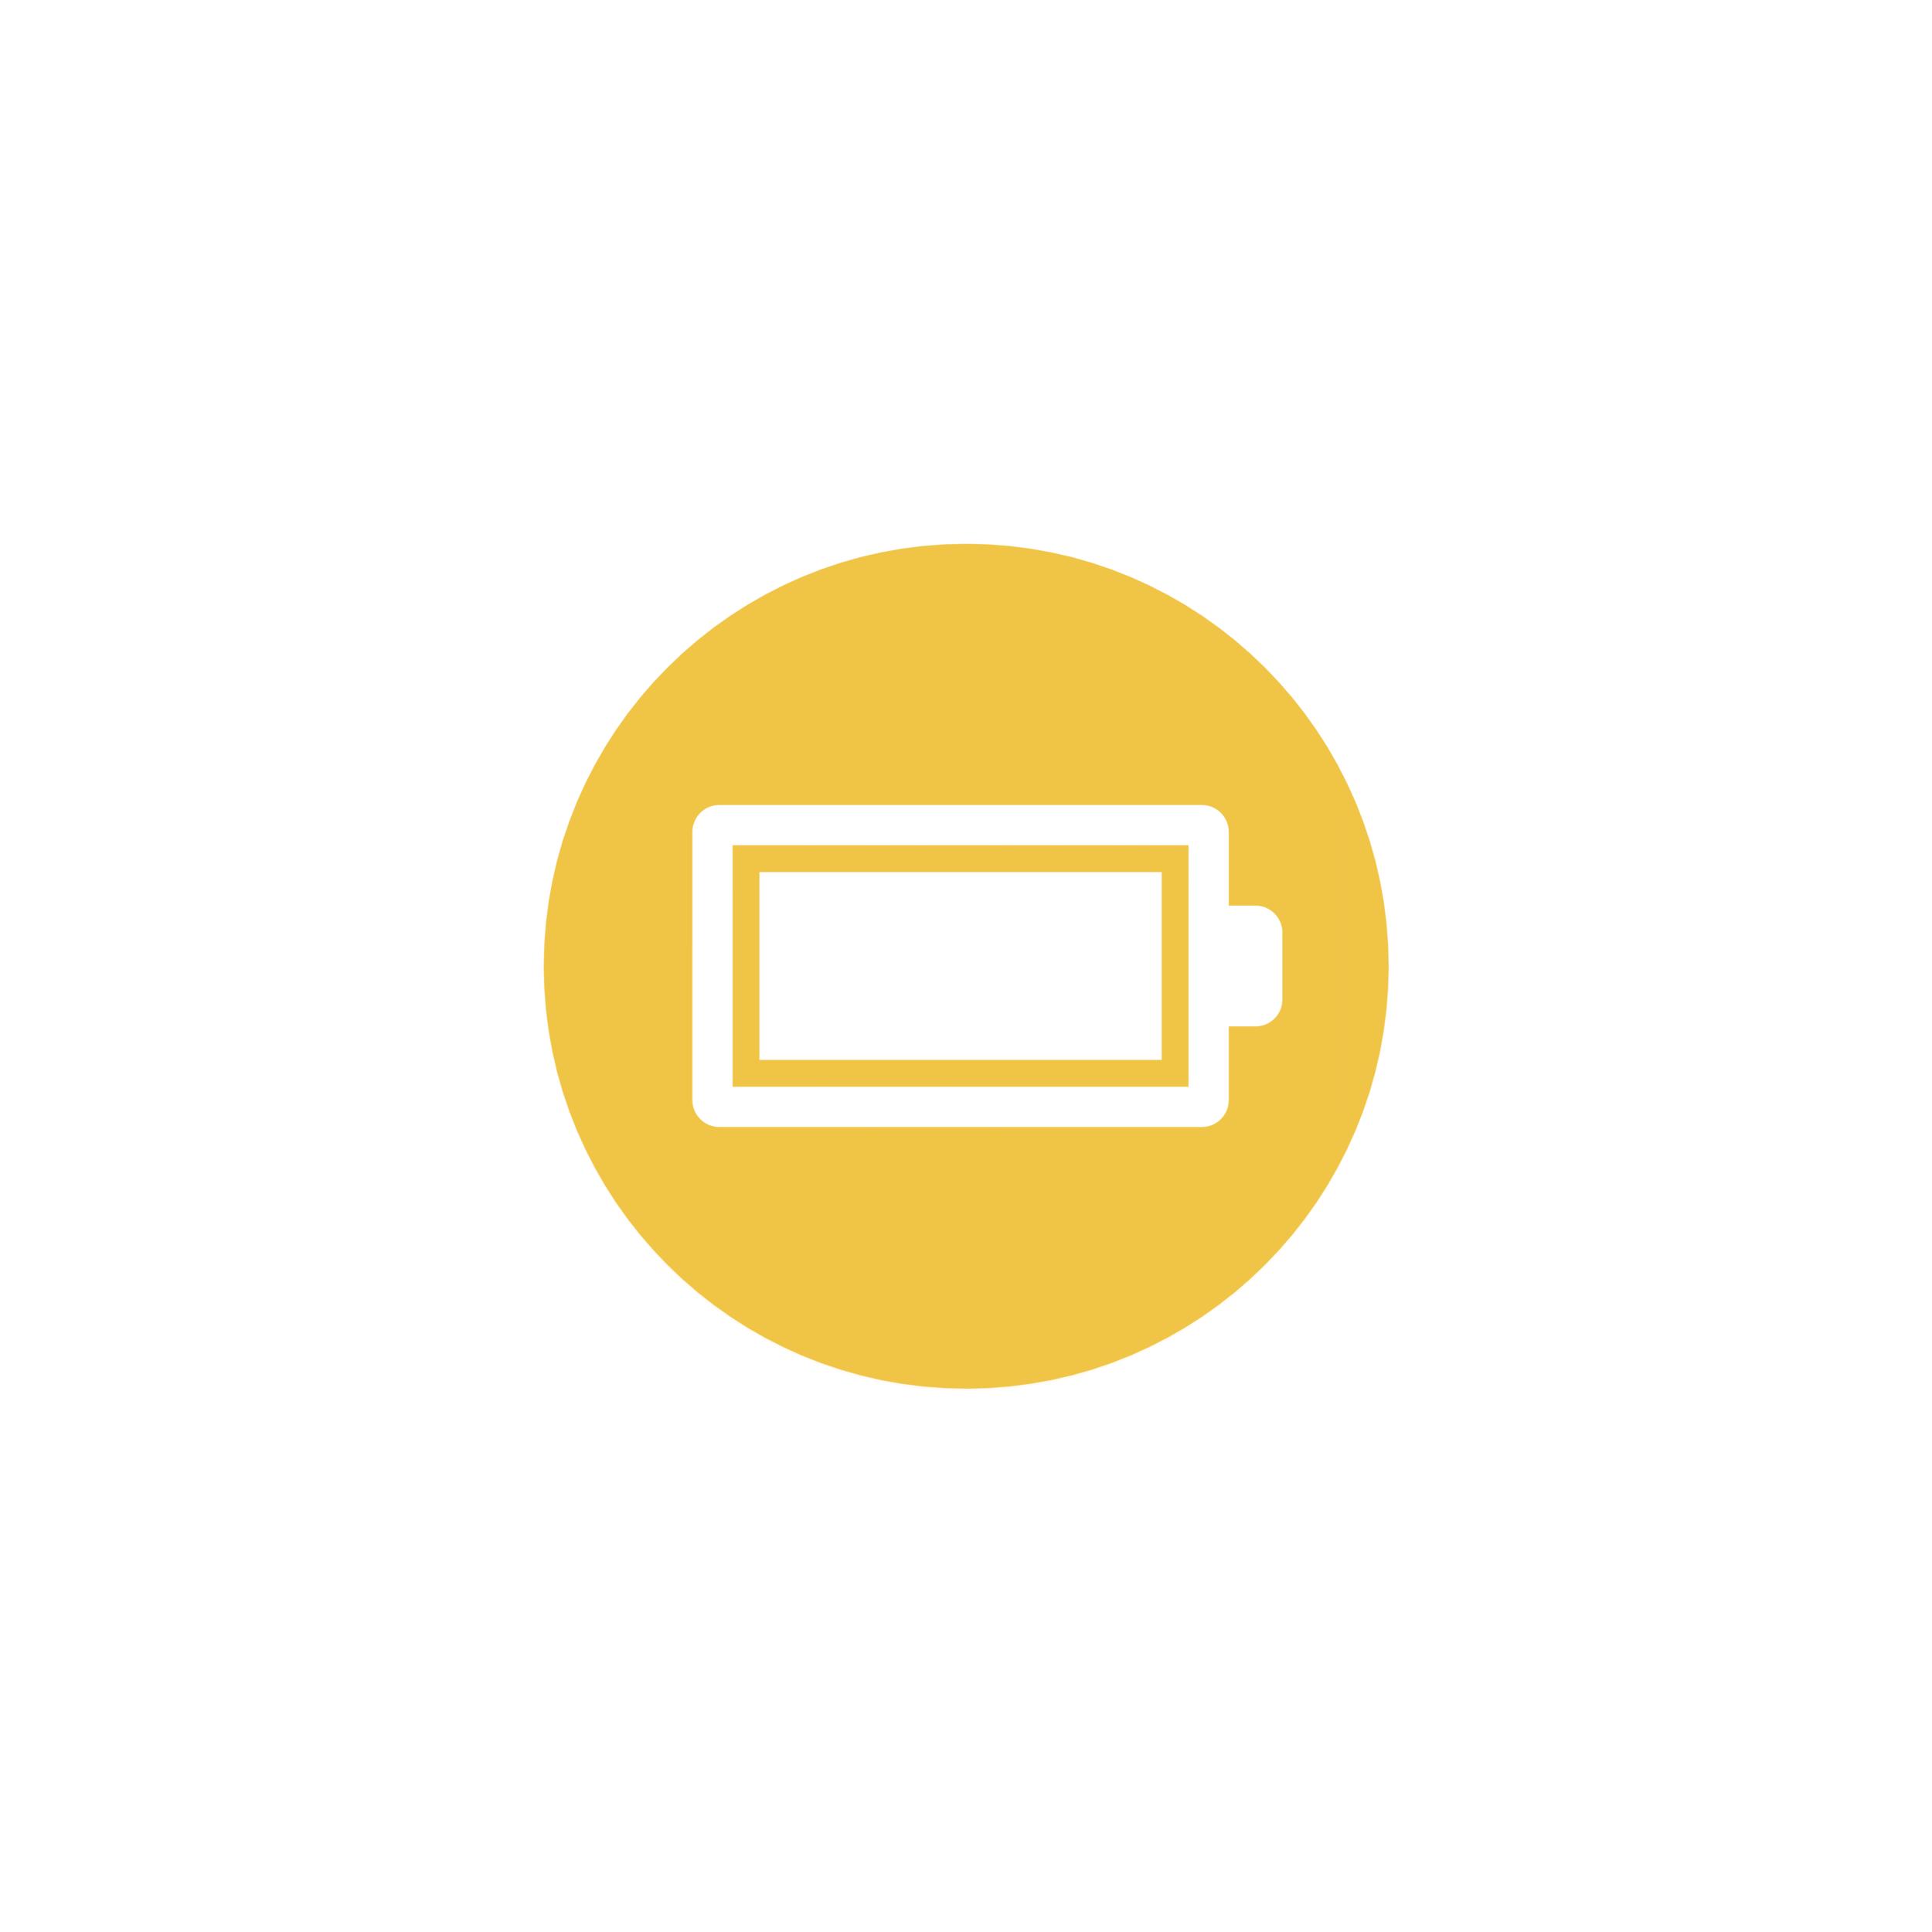 Inverter/Storage